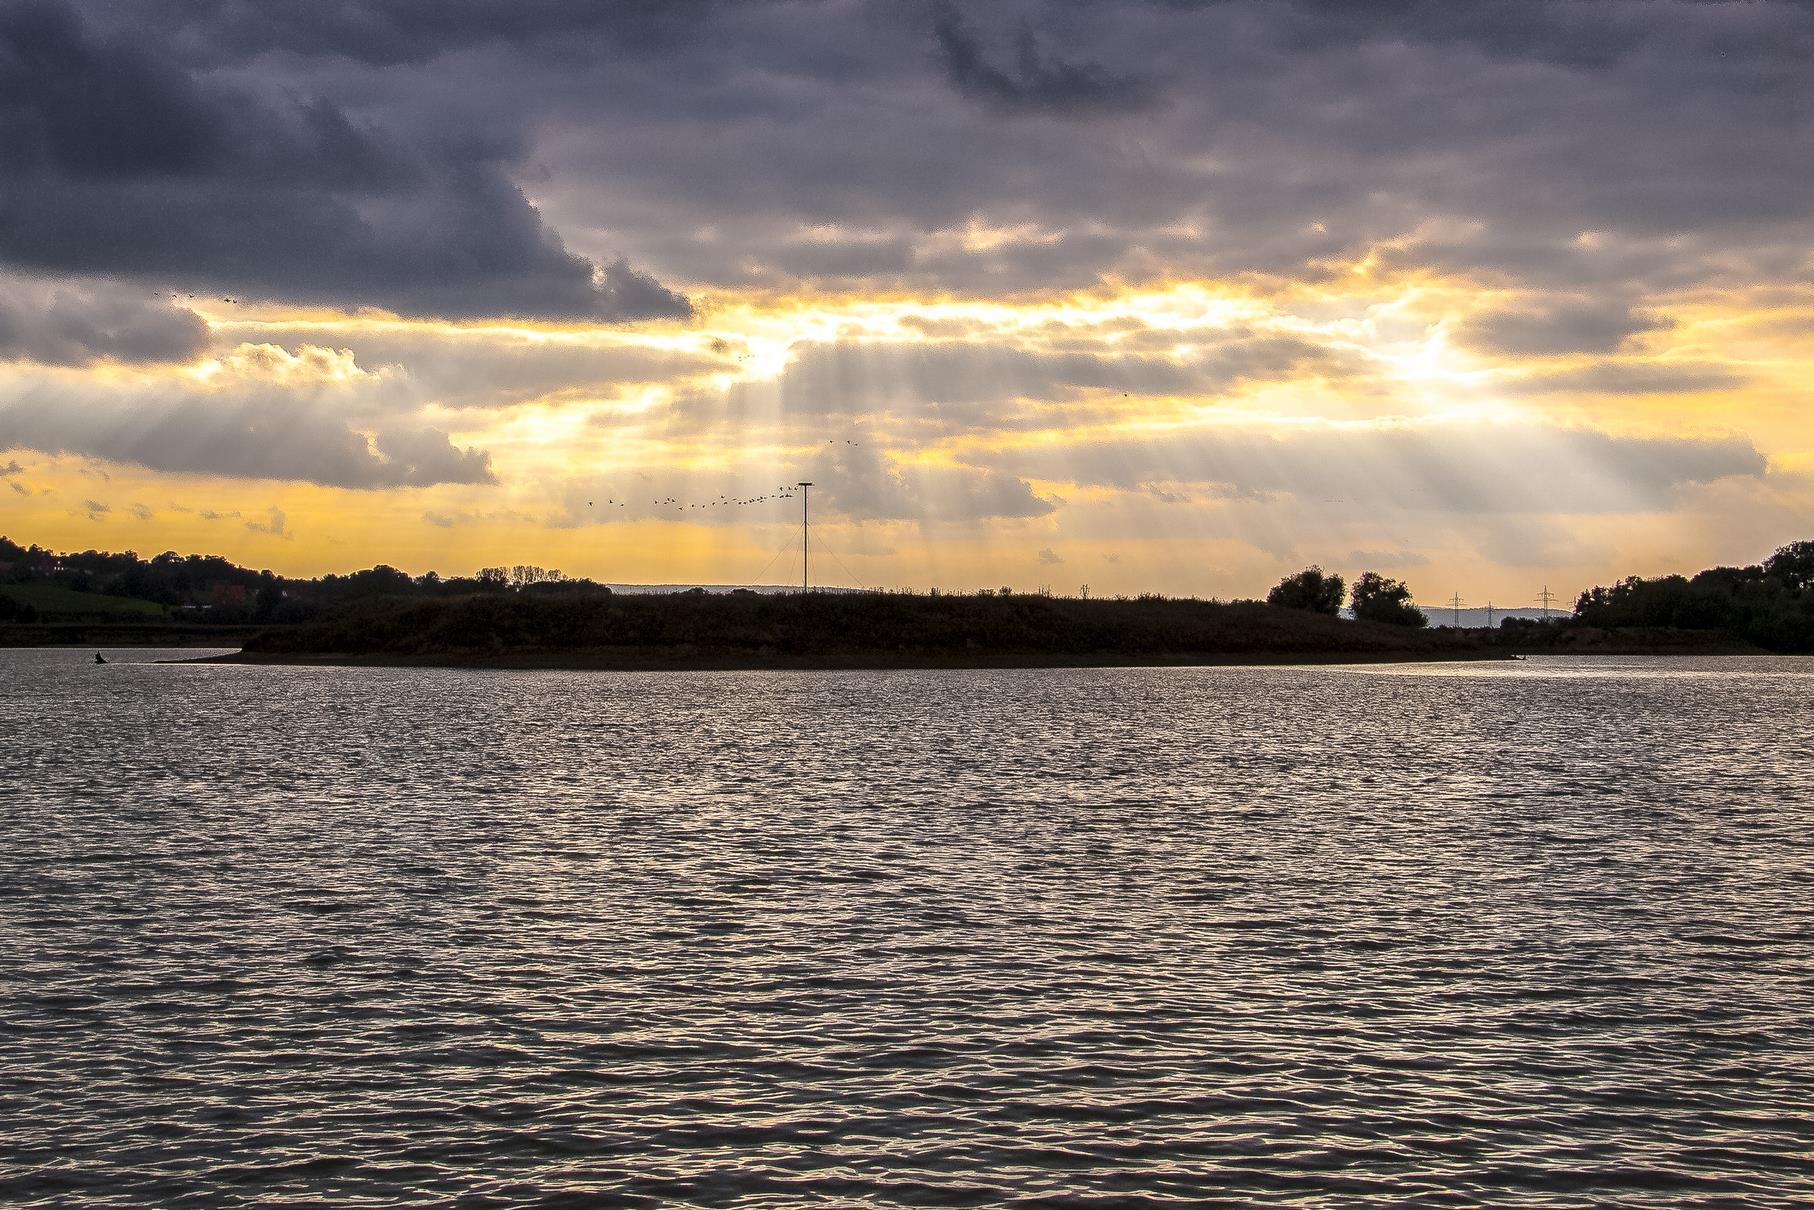 Lichtstrahlen am düsteren Himmel über der Vogelinsel.